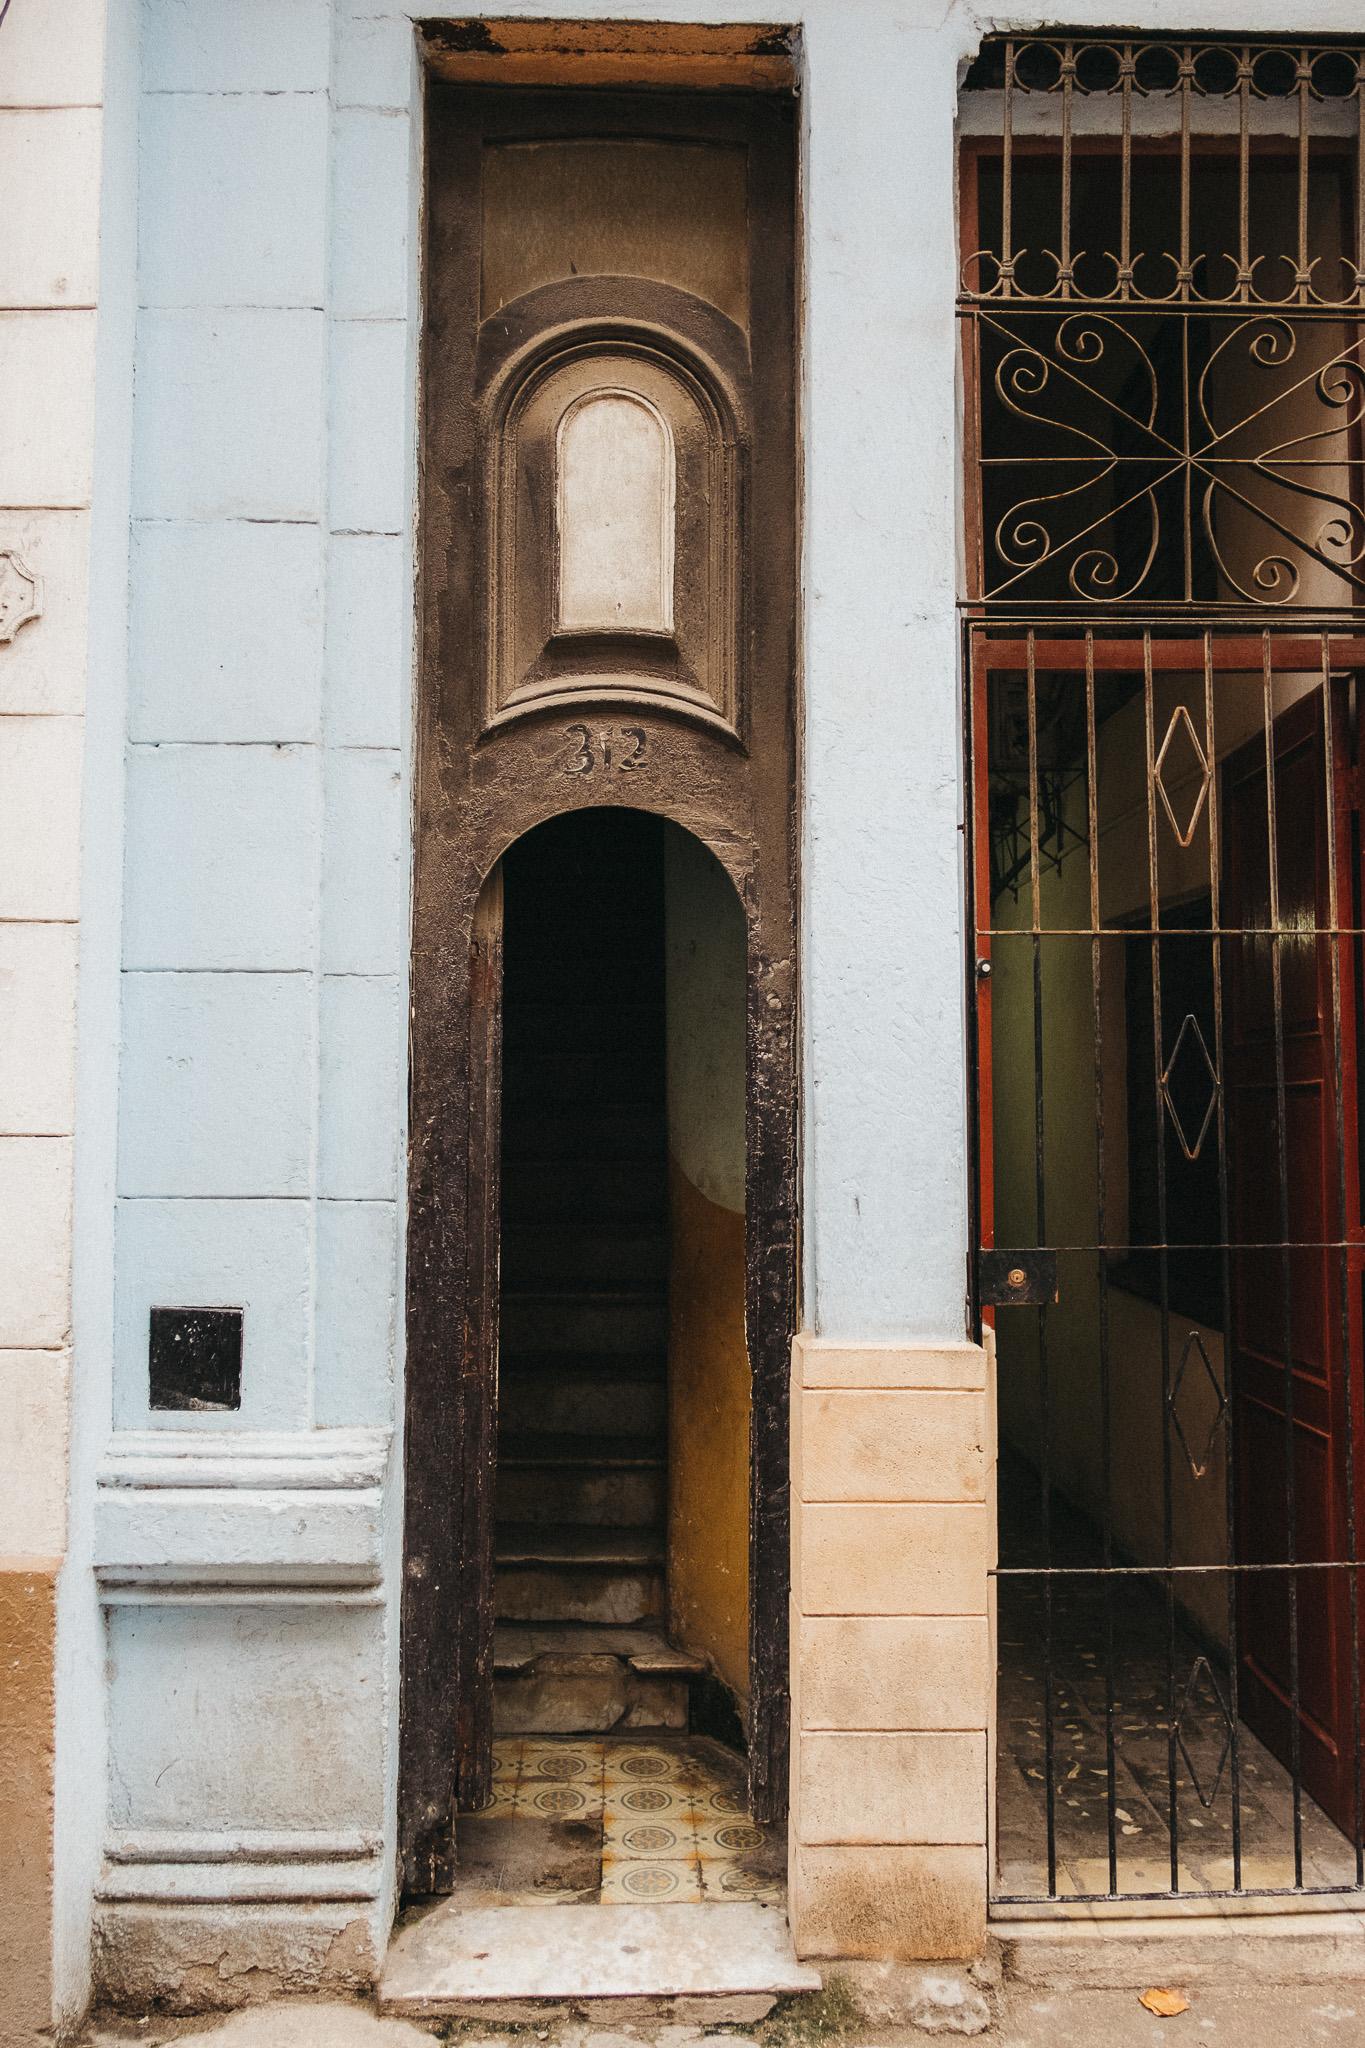 Cuba-2017-12-Havana-0160.jpg